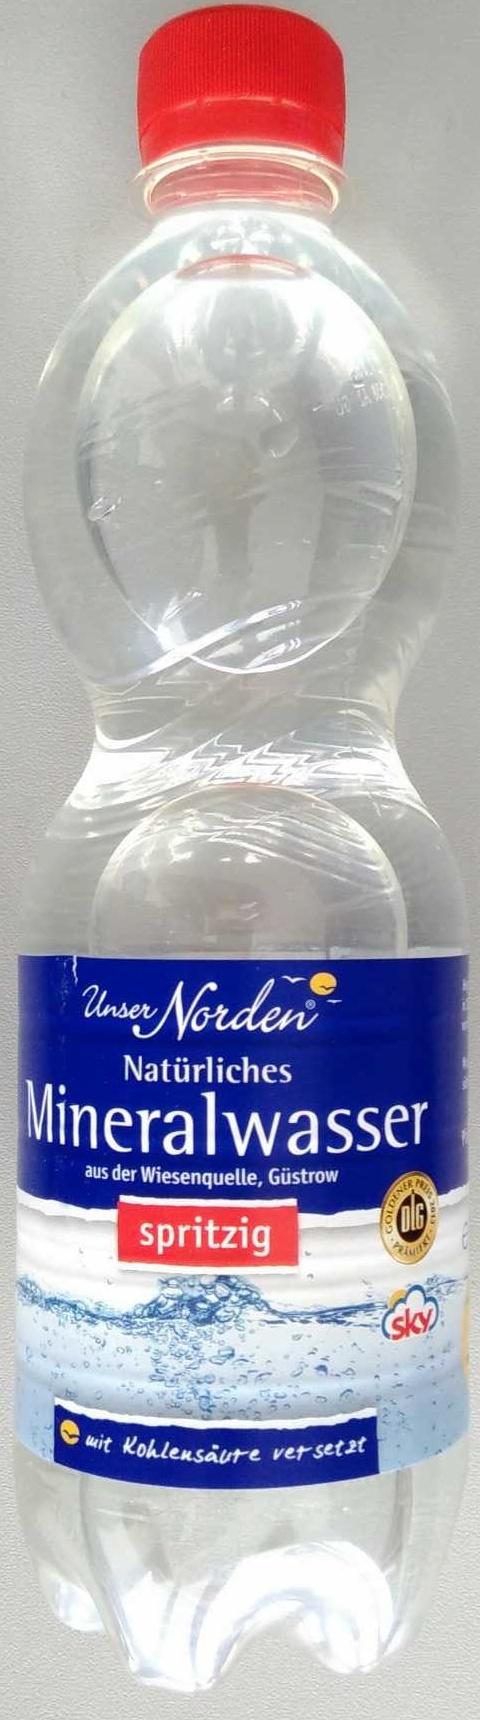 Natürliches Mineralwasser spritzig - Product - de